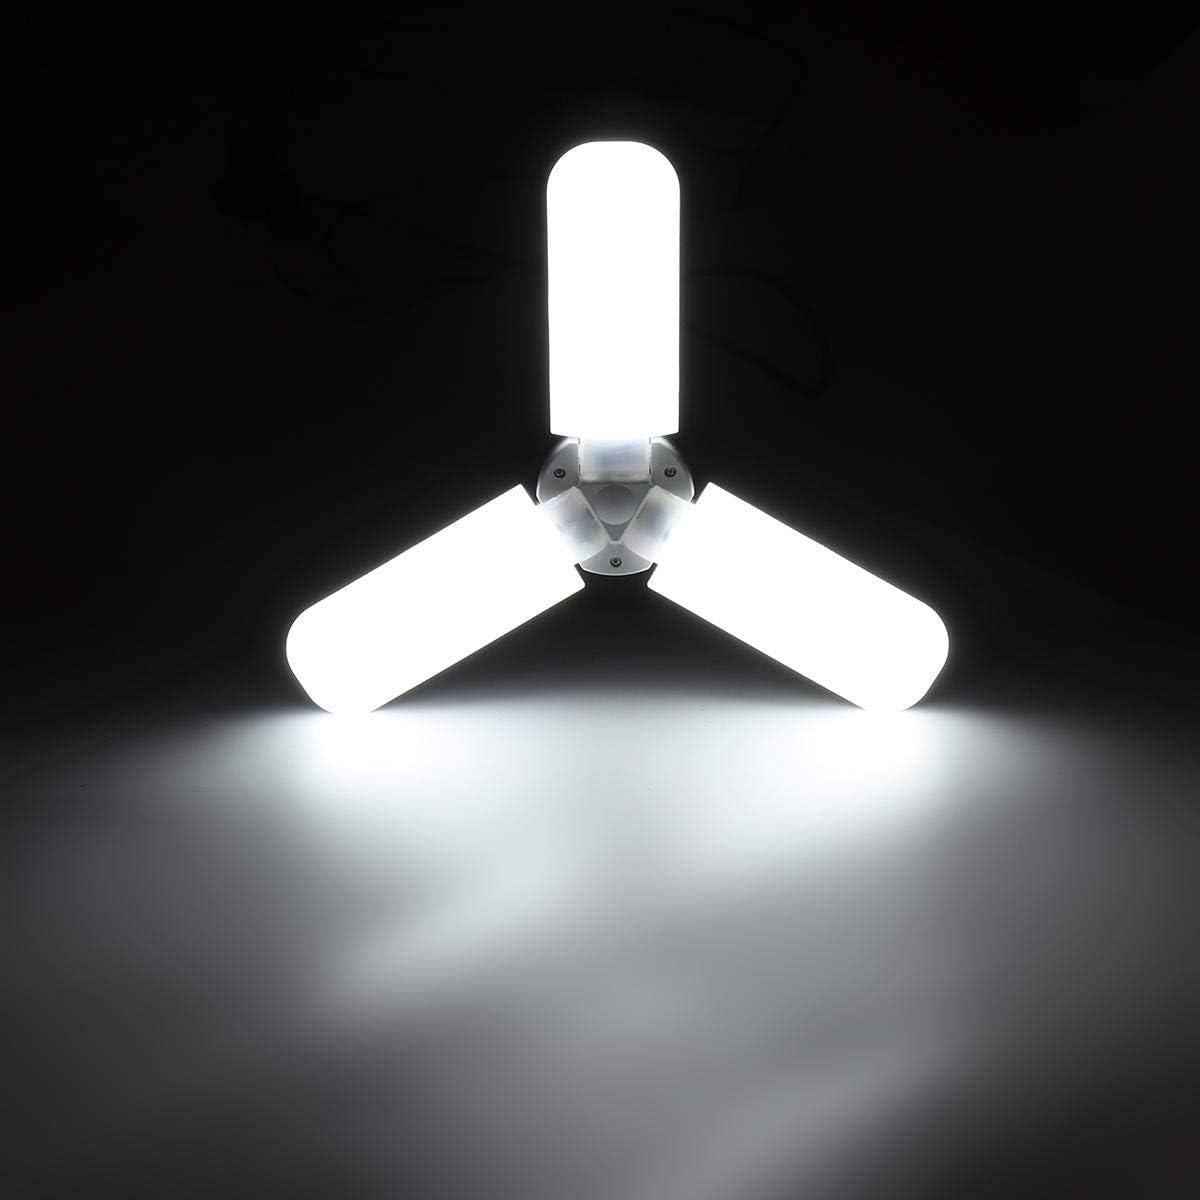 Luz Ventilador de Techo E27 36W Plegable Bombilla LED lámpara de la Noche Las Luces for el Uso en el hogar Pasillo Interior lámpara candelabro